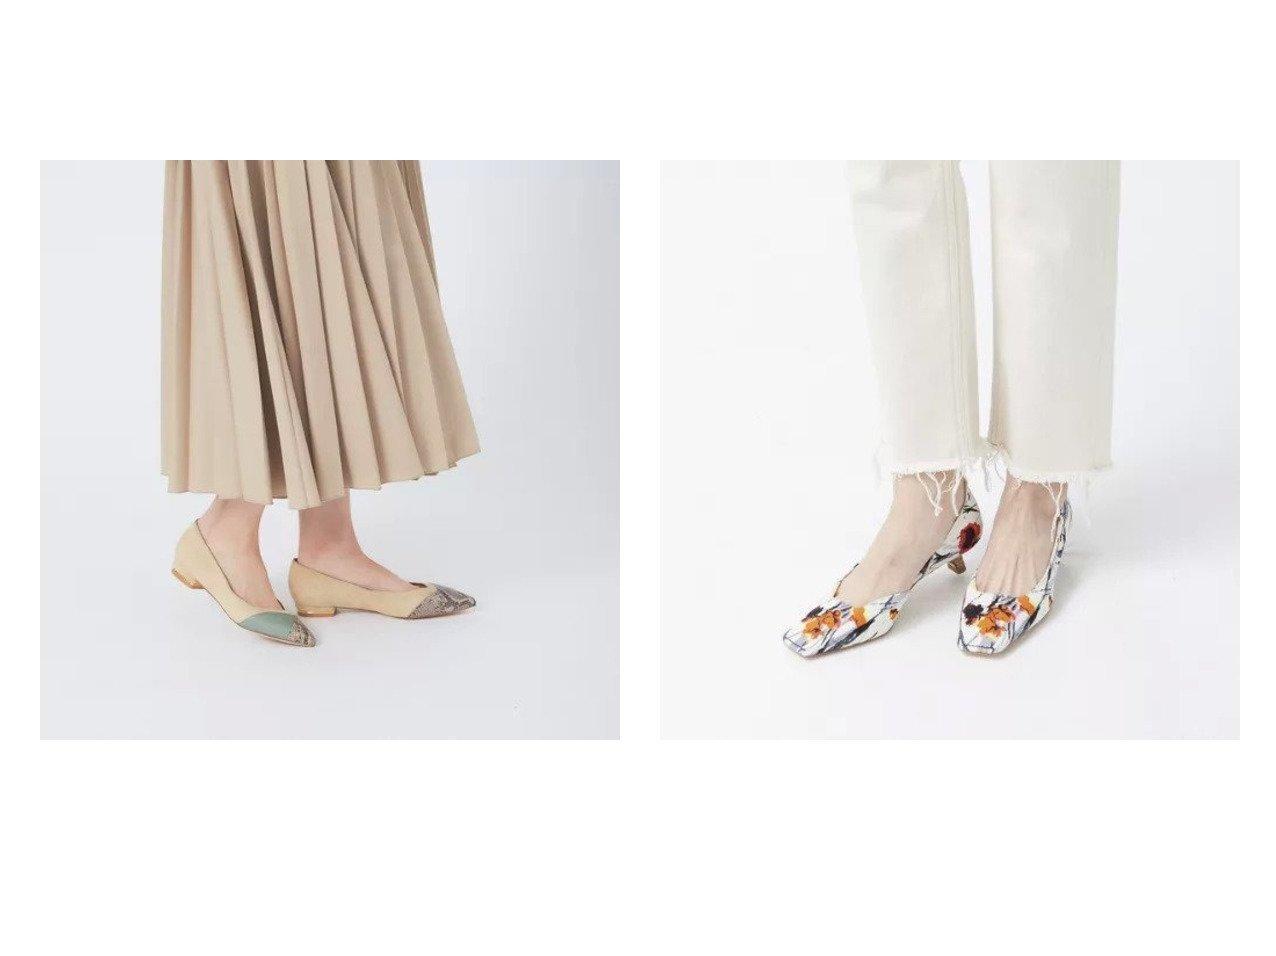 【Piche Abahouse/ピシェ アバハウス】の切り替えフラットパンプス&【Au BANNISTER/オゥ バニスター】のスクエアトゥサイドオープンパンプス 【シューズ・靴】おすすめ!人気、トレンド・レディースファッションの通販 おすすめで人気の流行・トレンド、ファッションの通販商品 メンズファッション・キッズファッション・インテリア・家具・レディースファッション・服の通販 founy(ファニー) https://founy.com/ ファッション Fashion レディースファッション WOMEN イエロー 春 Spring クッション 今季 シューズ 定番 Standard 人気 パイソン フィット フラット ブロック ベーシック おすすめ Recommend S/S・春夏 SS・Spring/Summer クール デニム トレンド |ID:crp329100000031444